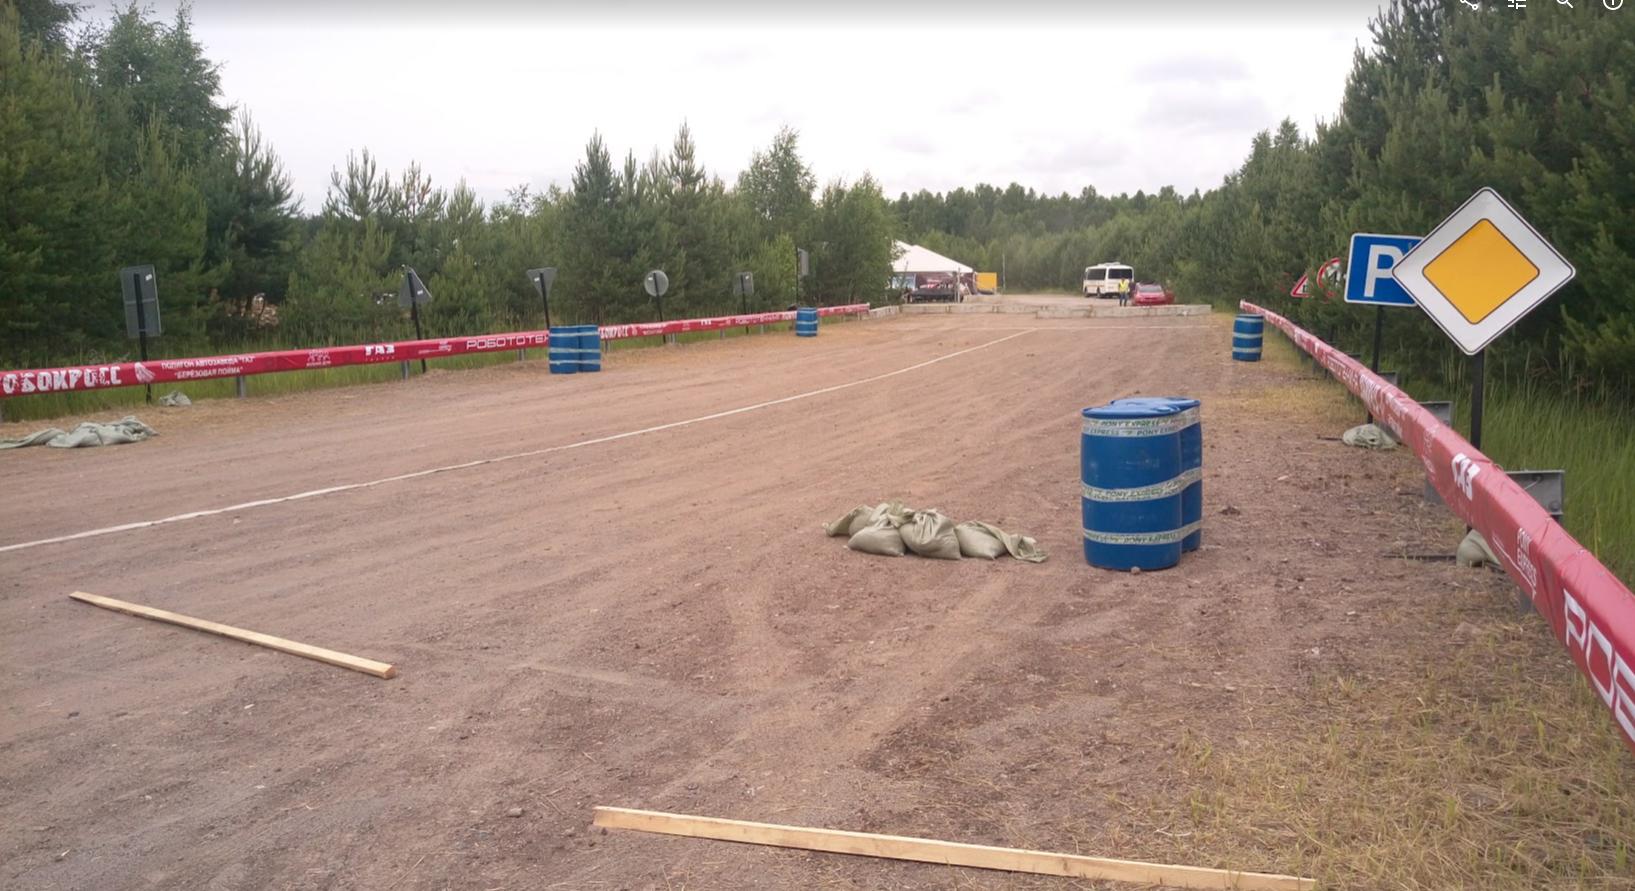 Типичный вид трассы РобоКросса. Бочки - это препятствия. Мешки с песком для устойчивости знаков.